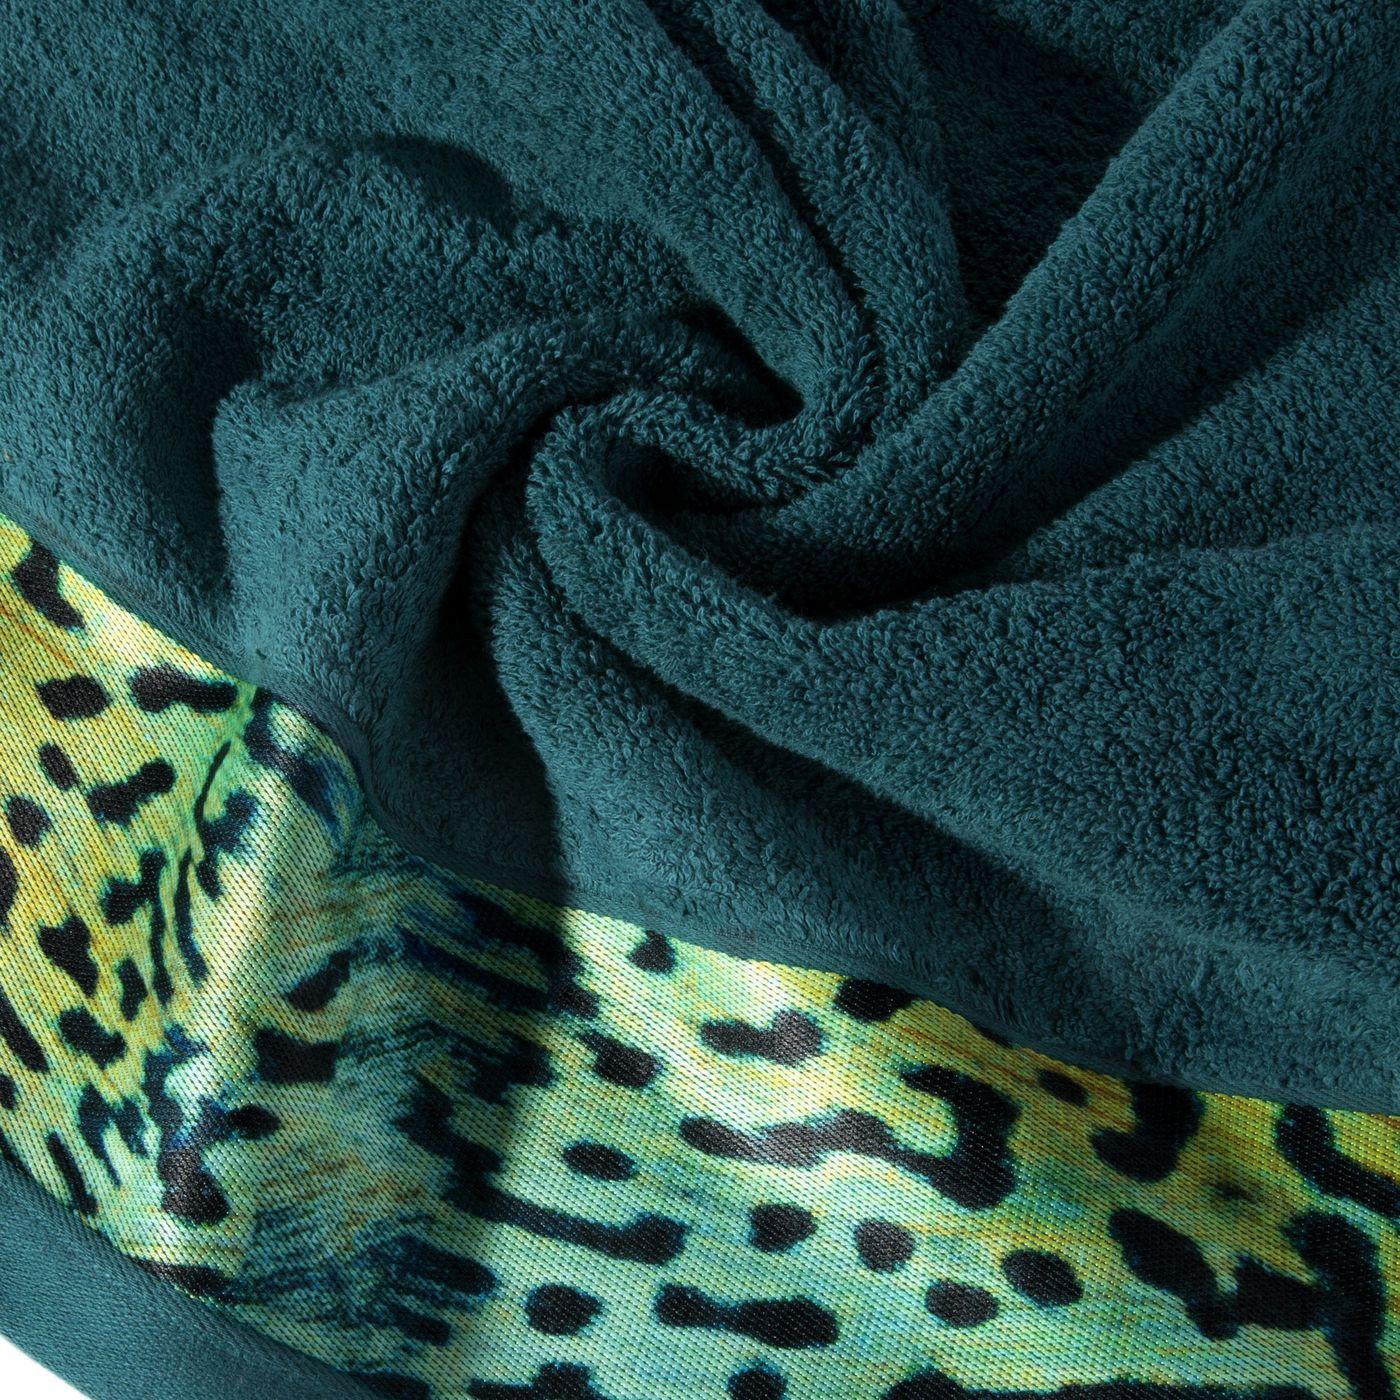 Ręcznik kąpielowy - mój wybór Eva Minge - turkus i zwierzęcy wzór 50x90 cm